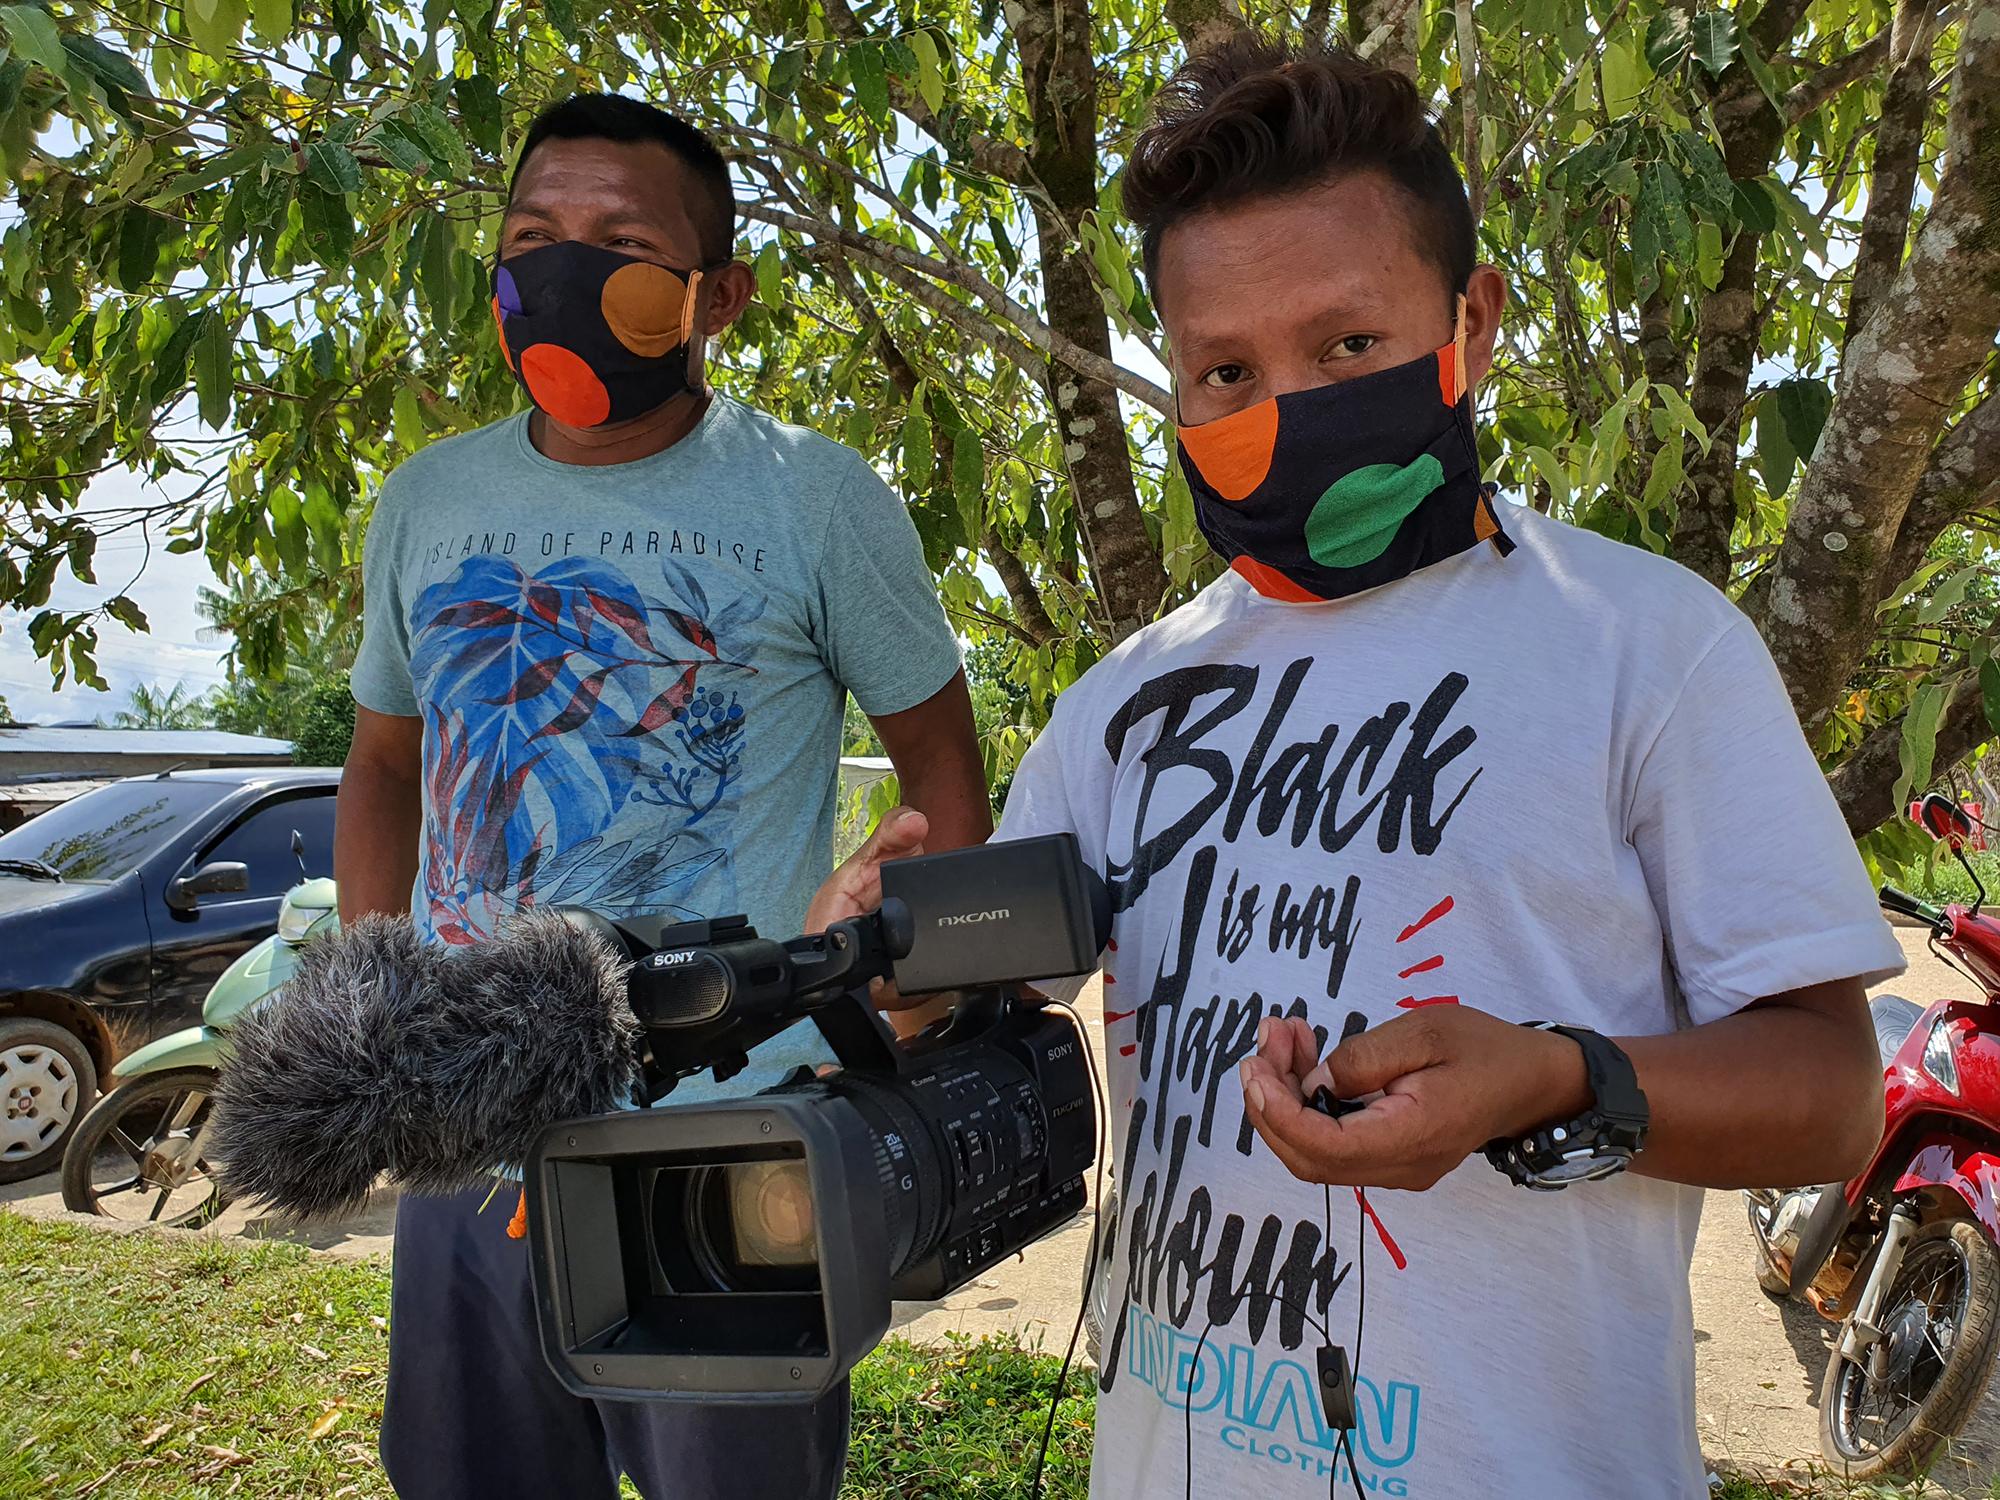 os comunicadores Álvaro Socot, do povo Hupdah, e Moisés Baniwa durante reportagens na rua em São Gabriel da Cachoeira